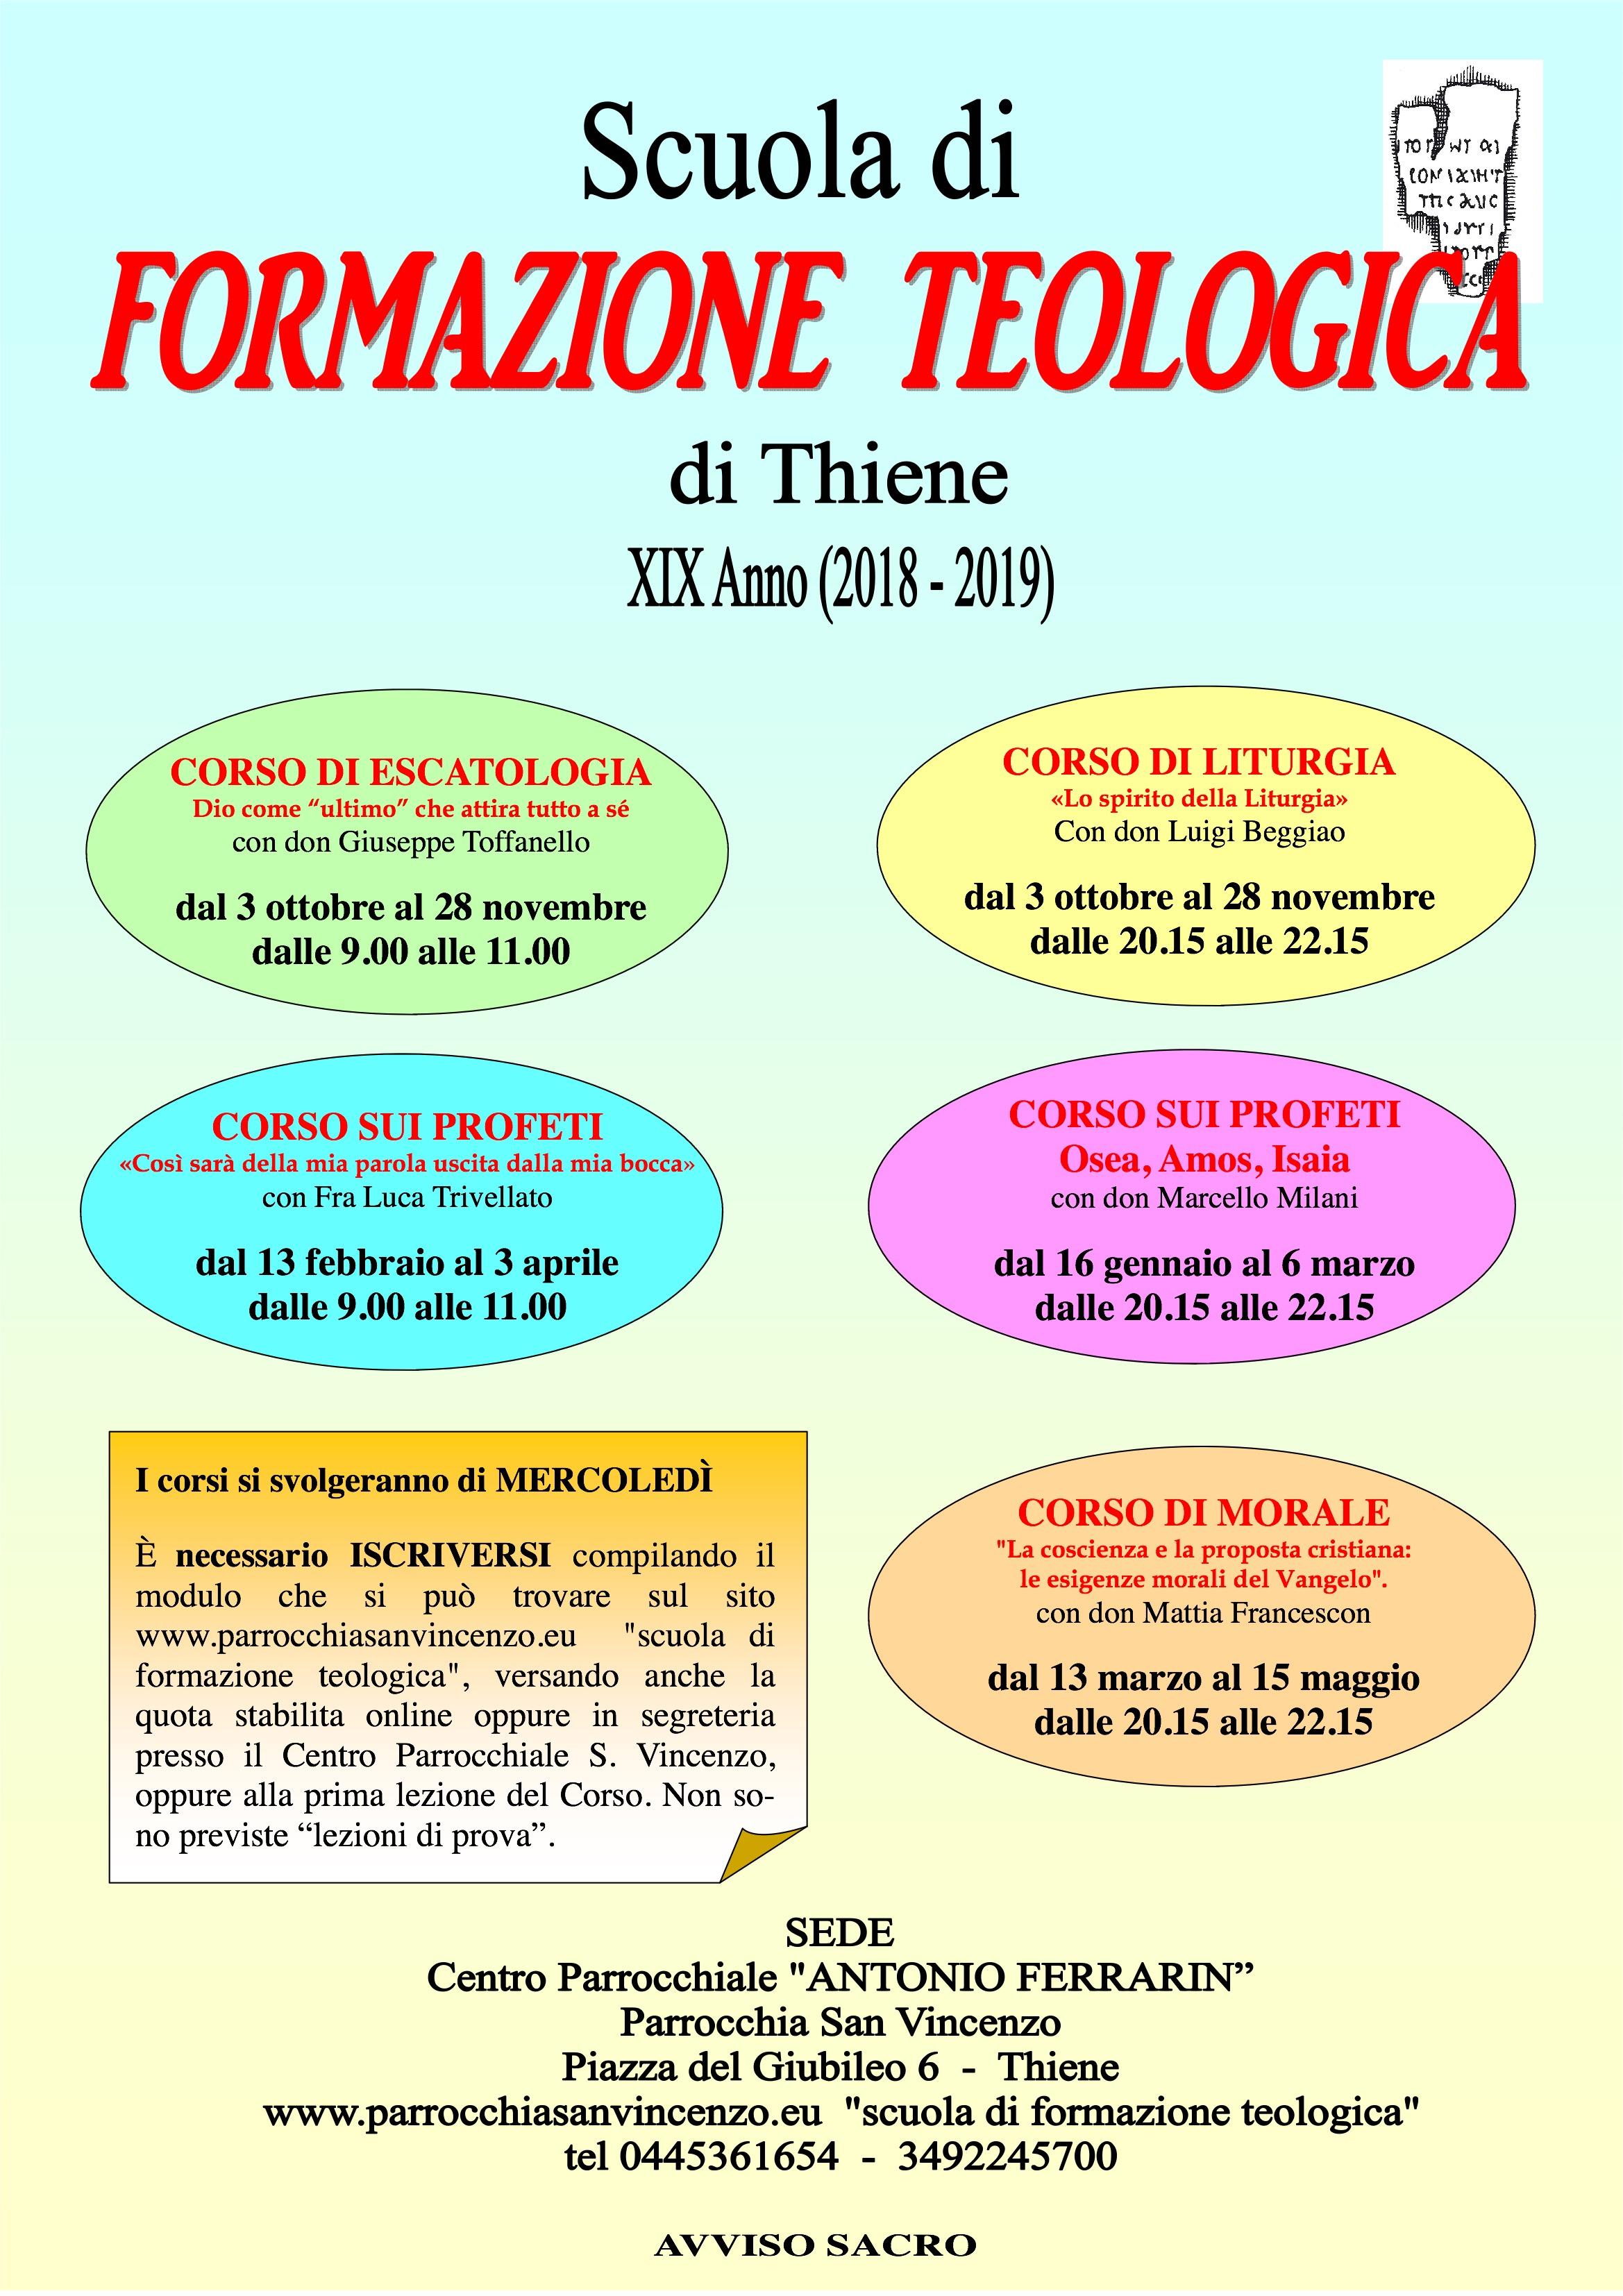 locandina Scuola 2018-2019 bis